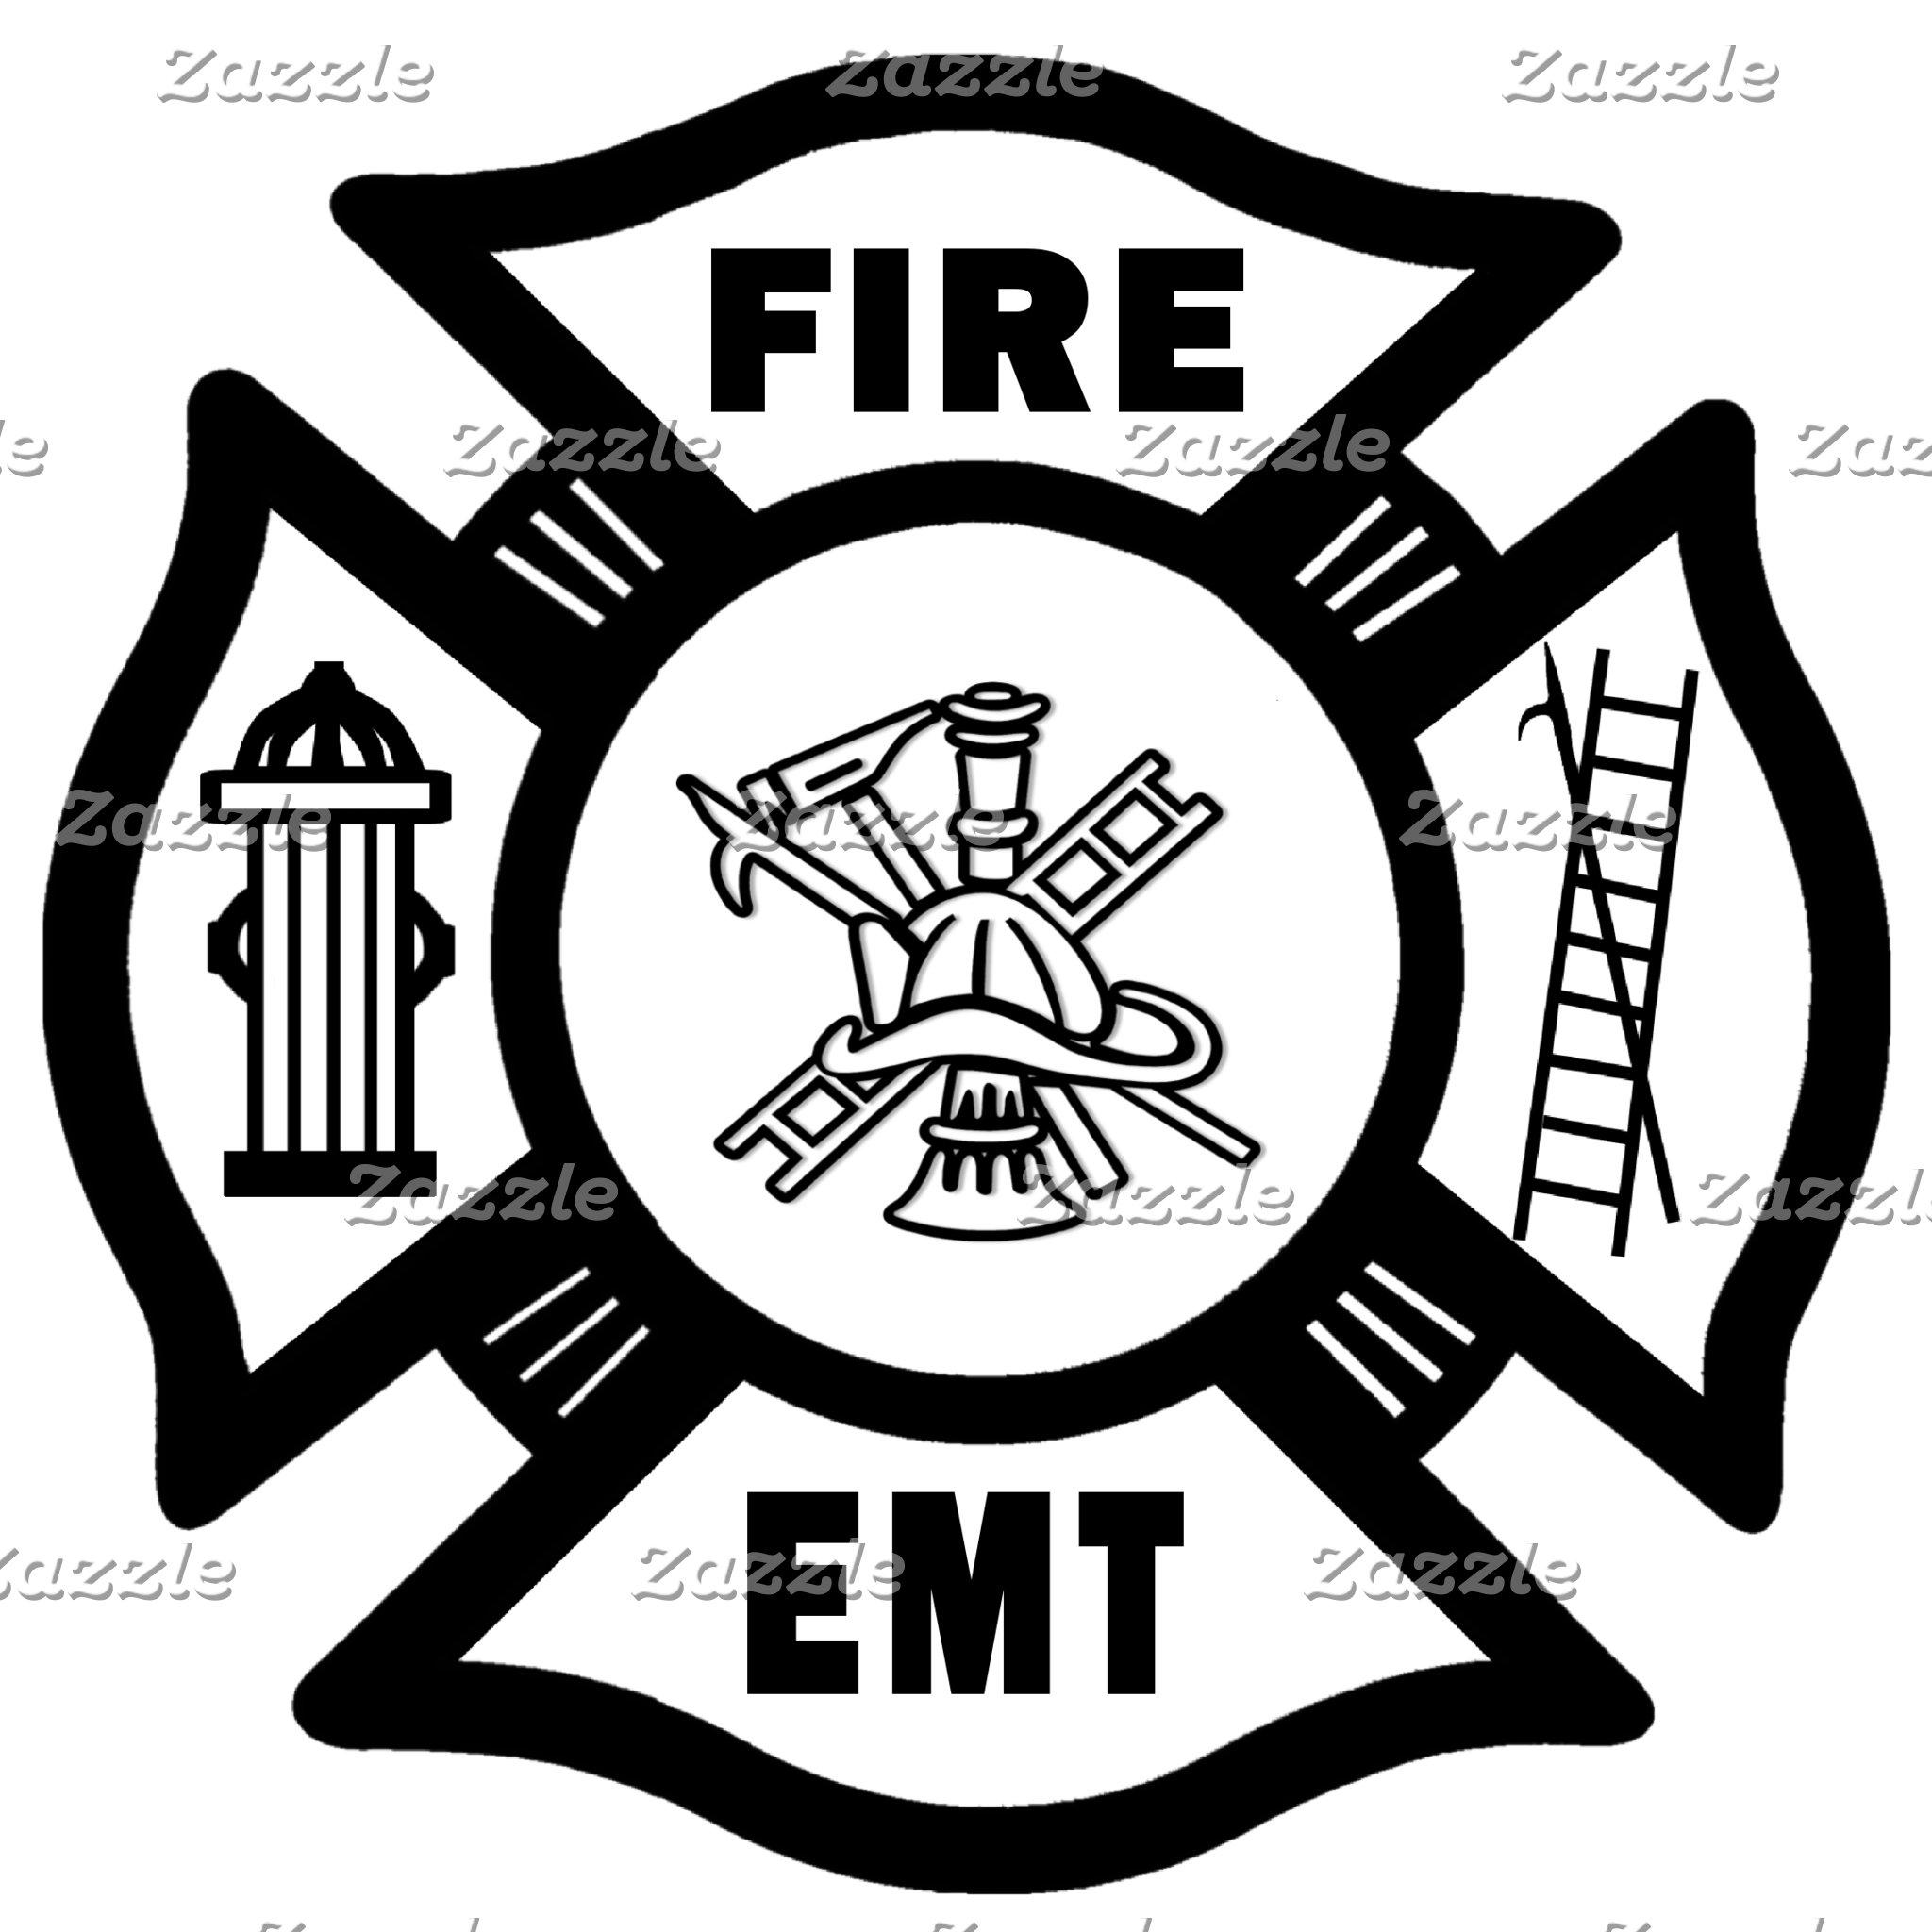 Fire Dept EMT